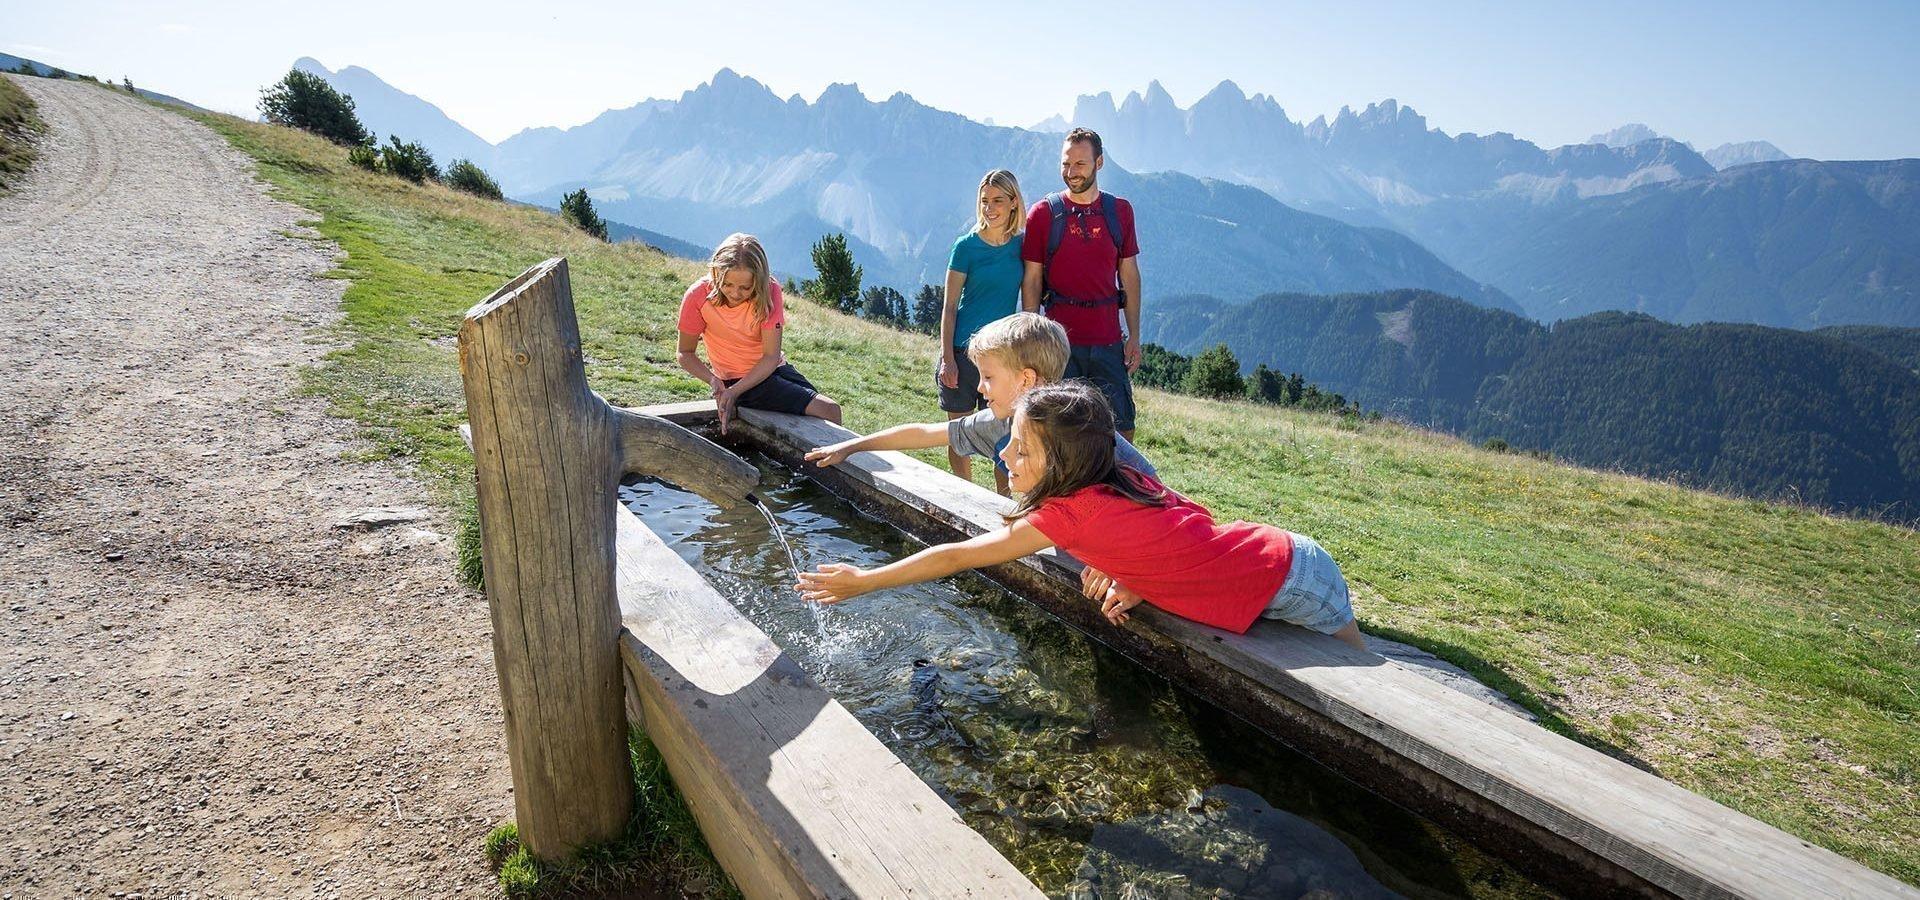 Familienurlaub auf dem Bauernhof in Südtirol